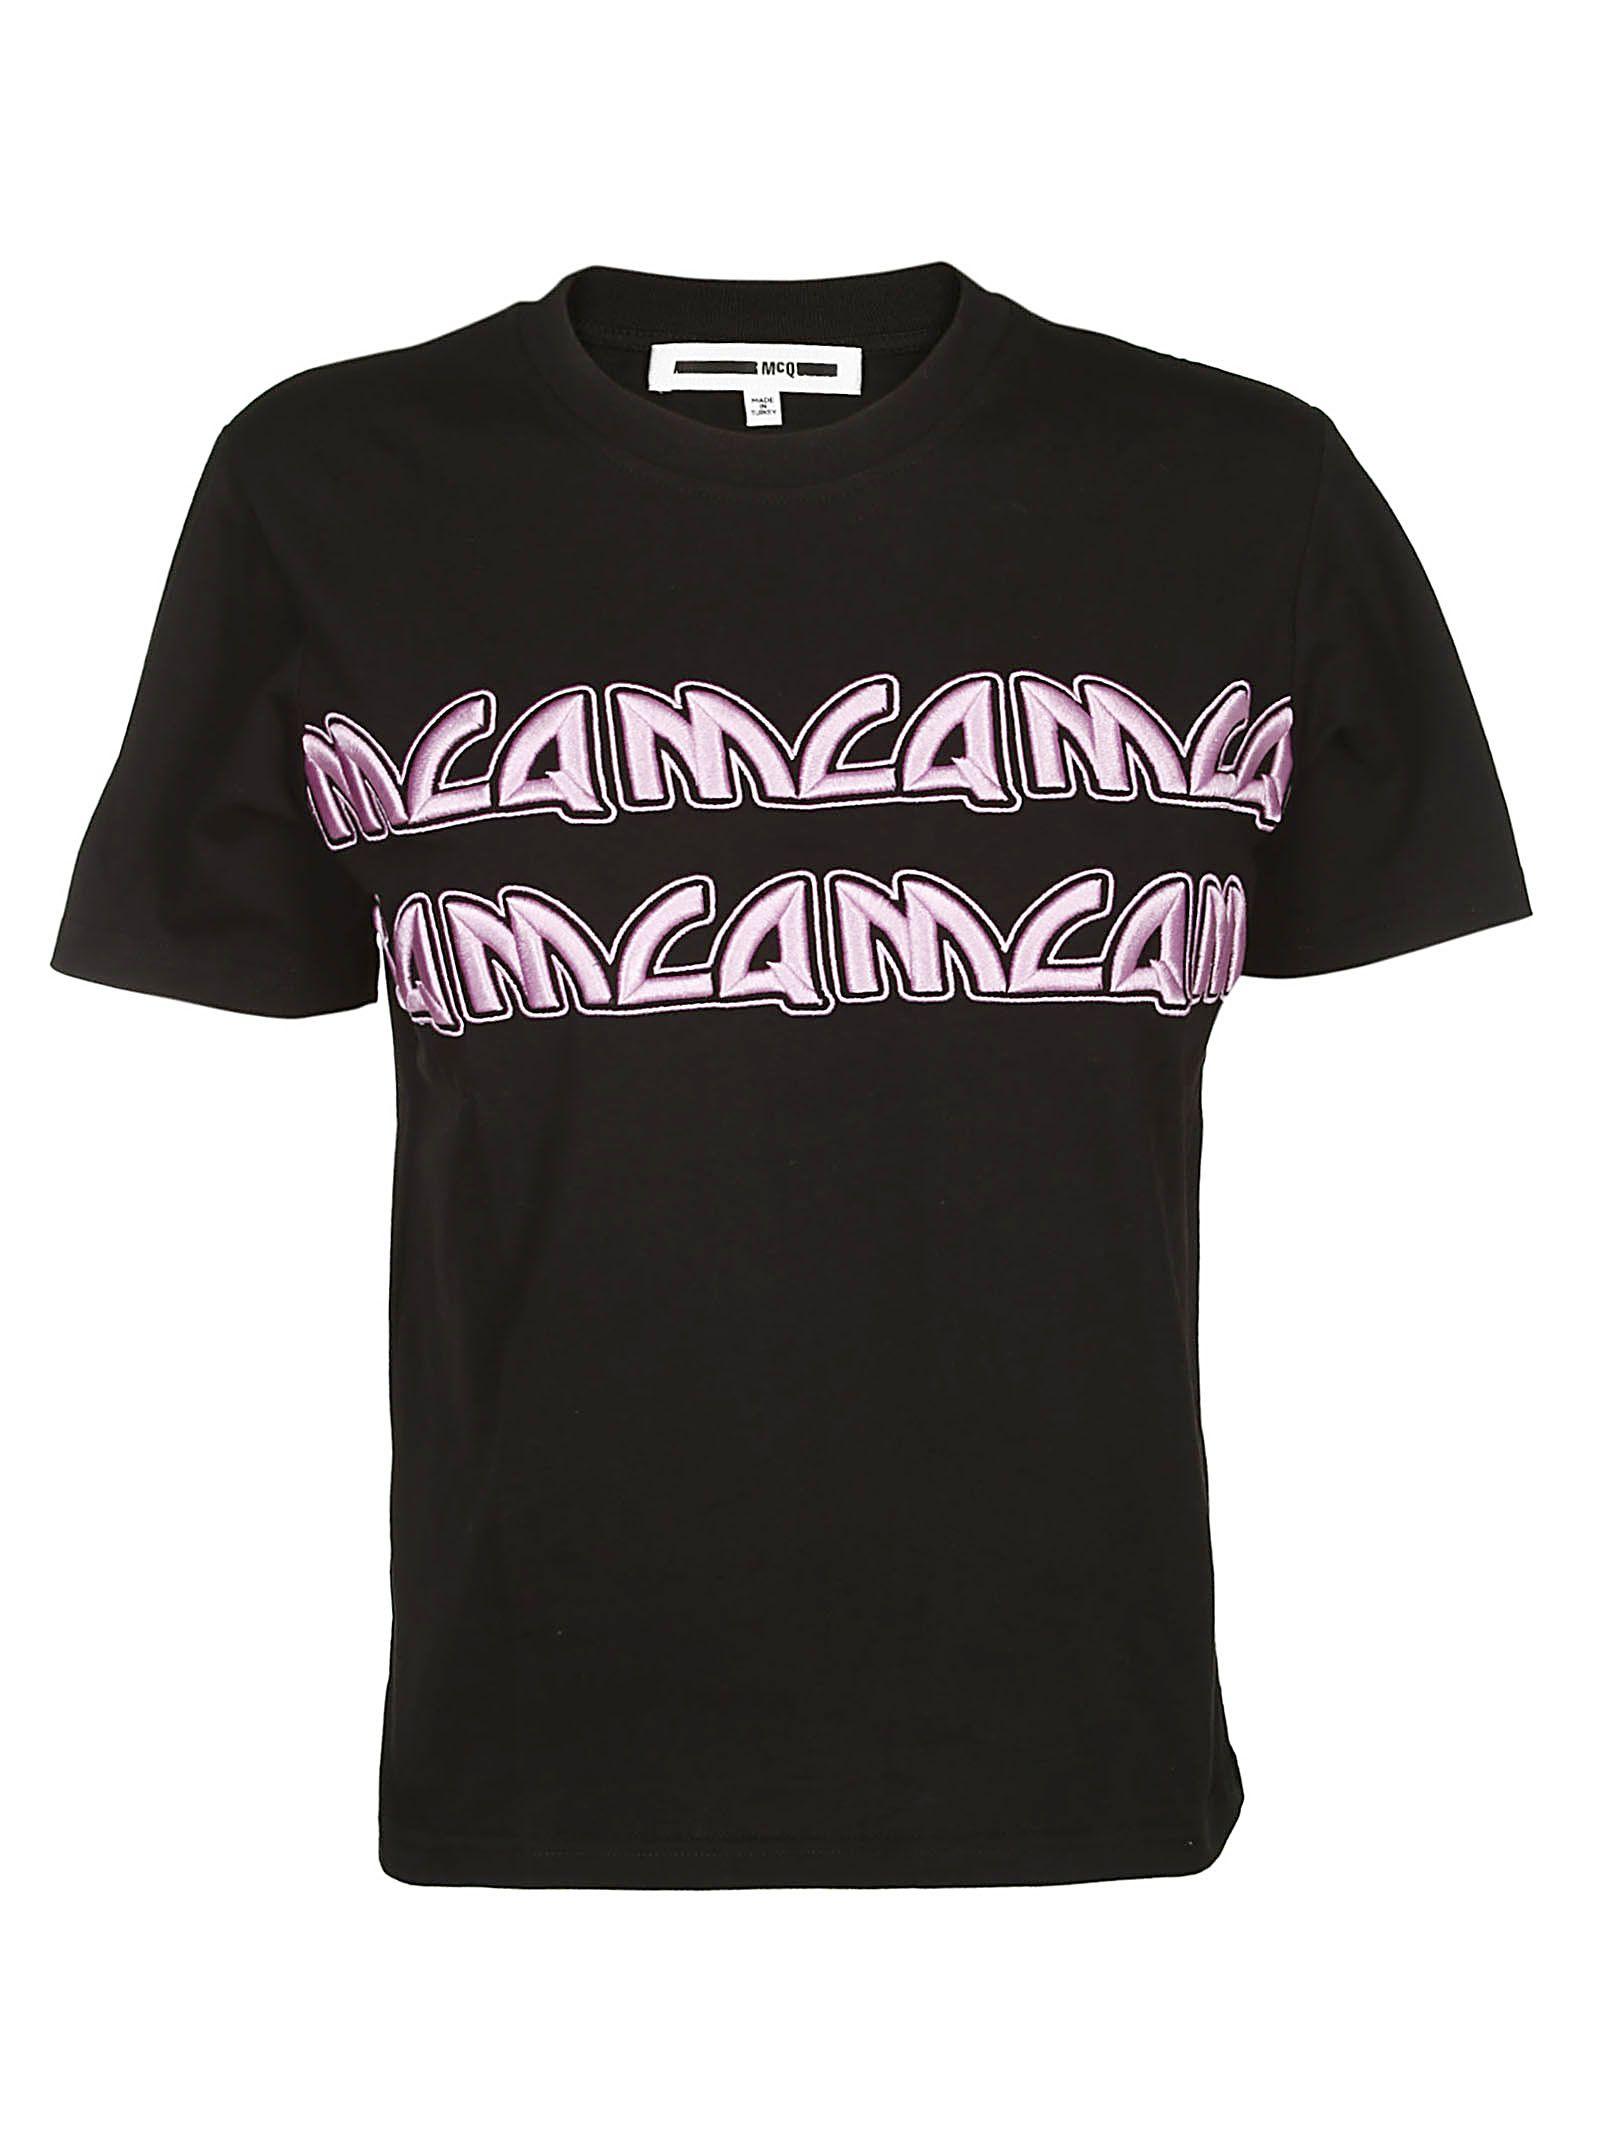 Mcq Alexander Mcqueen Embroidered Logo T-shirt